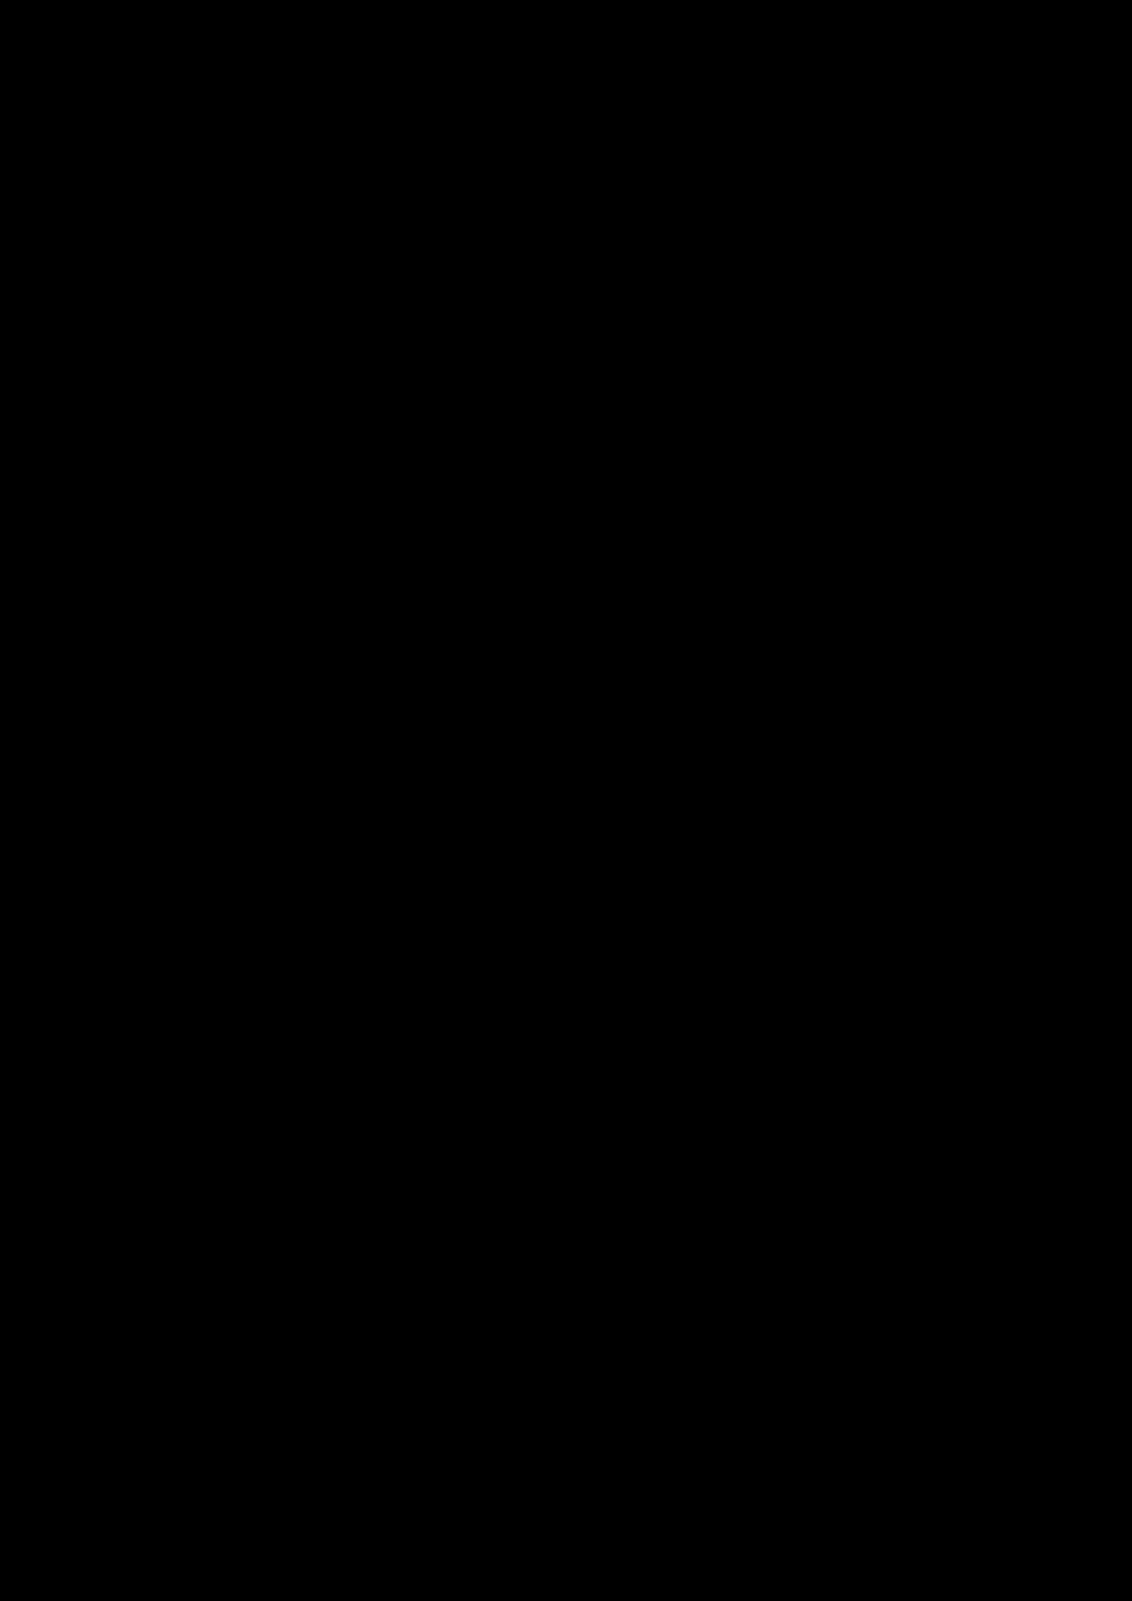 Zagadka volshebnoy stranyi slide, Image 70